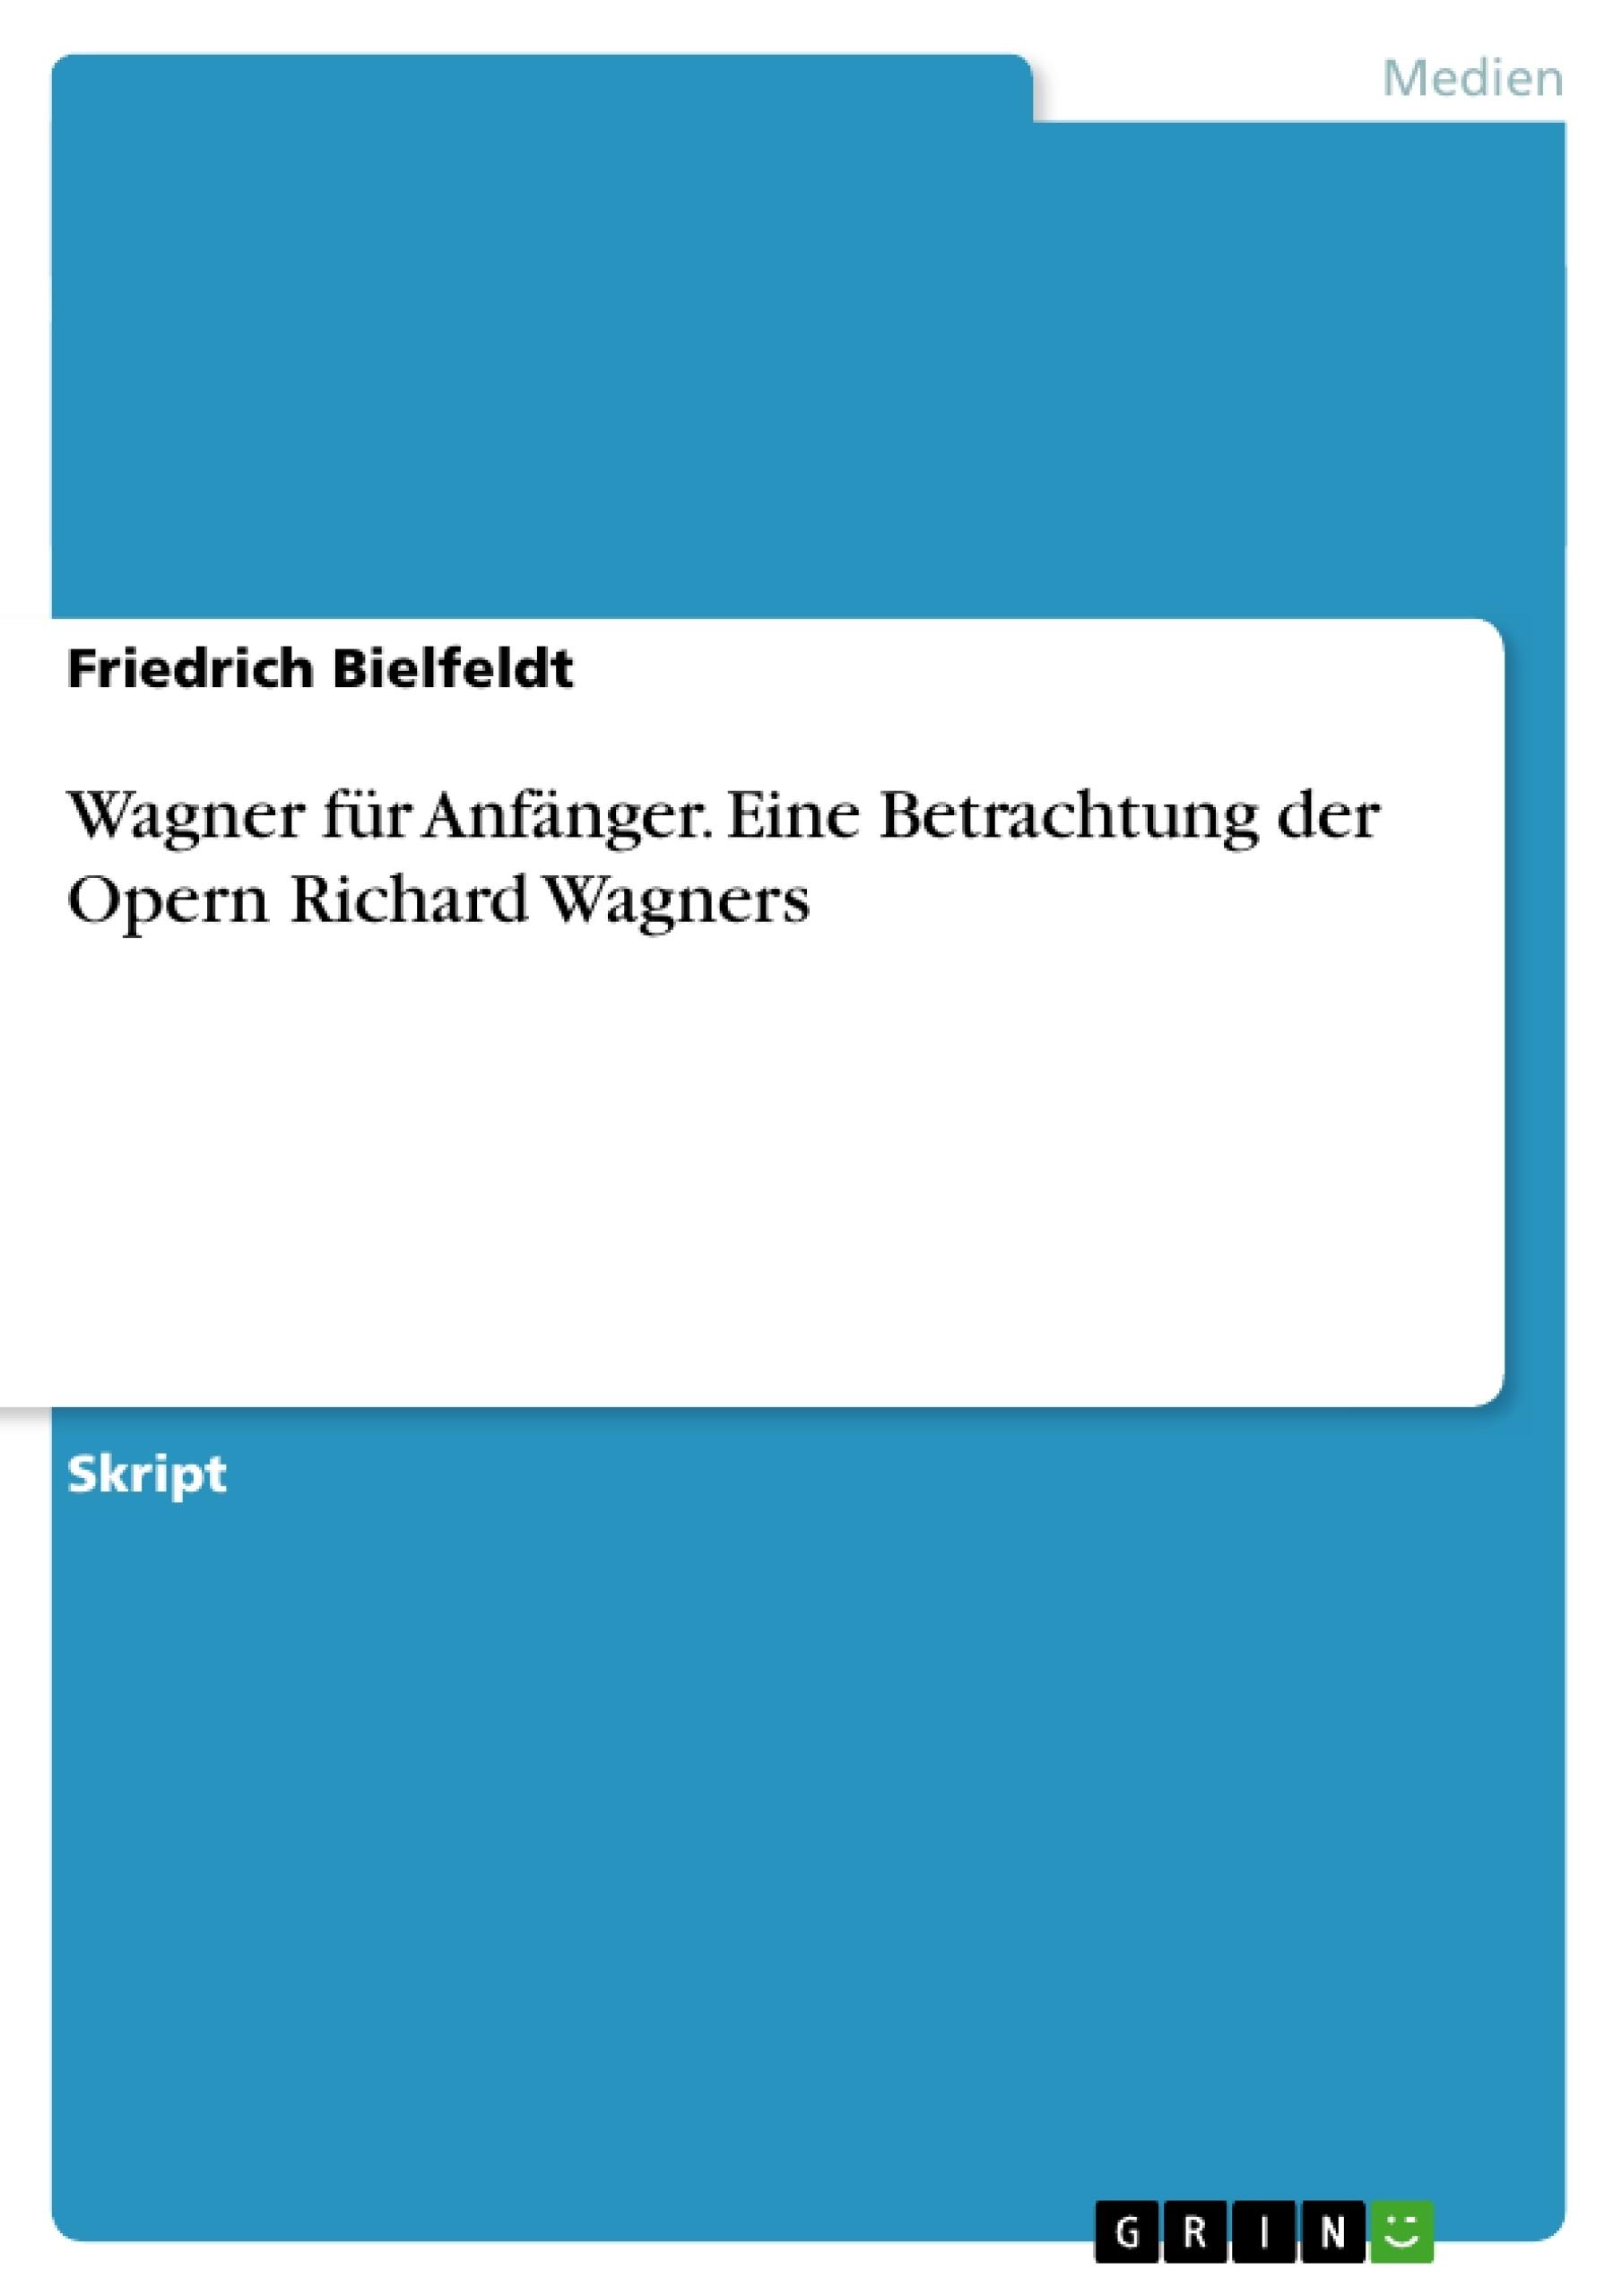 Titel: Wagner für Anfänger. Eine Betrachtung der Opern Richard Wagners